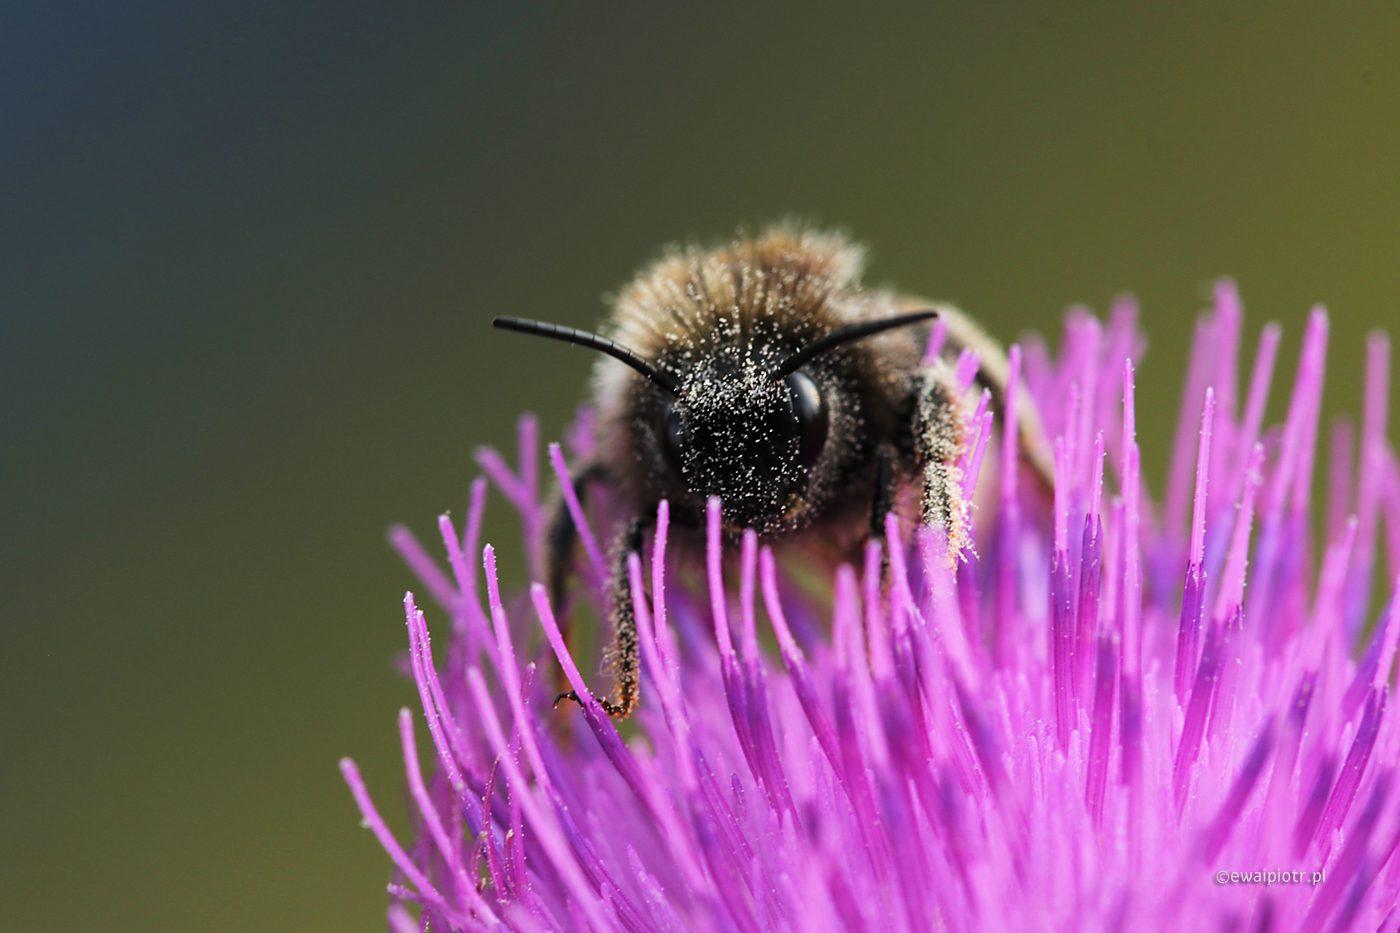 Pyłek jest pyszny, Wrzosowa Kraina, obiektyw do makro